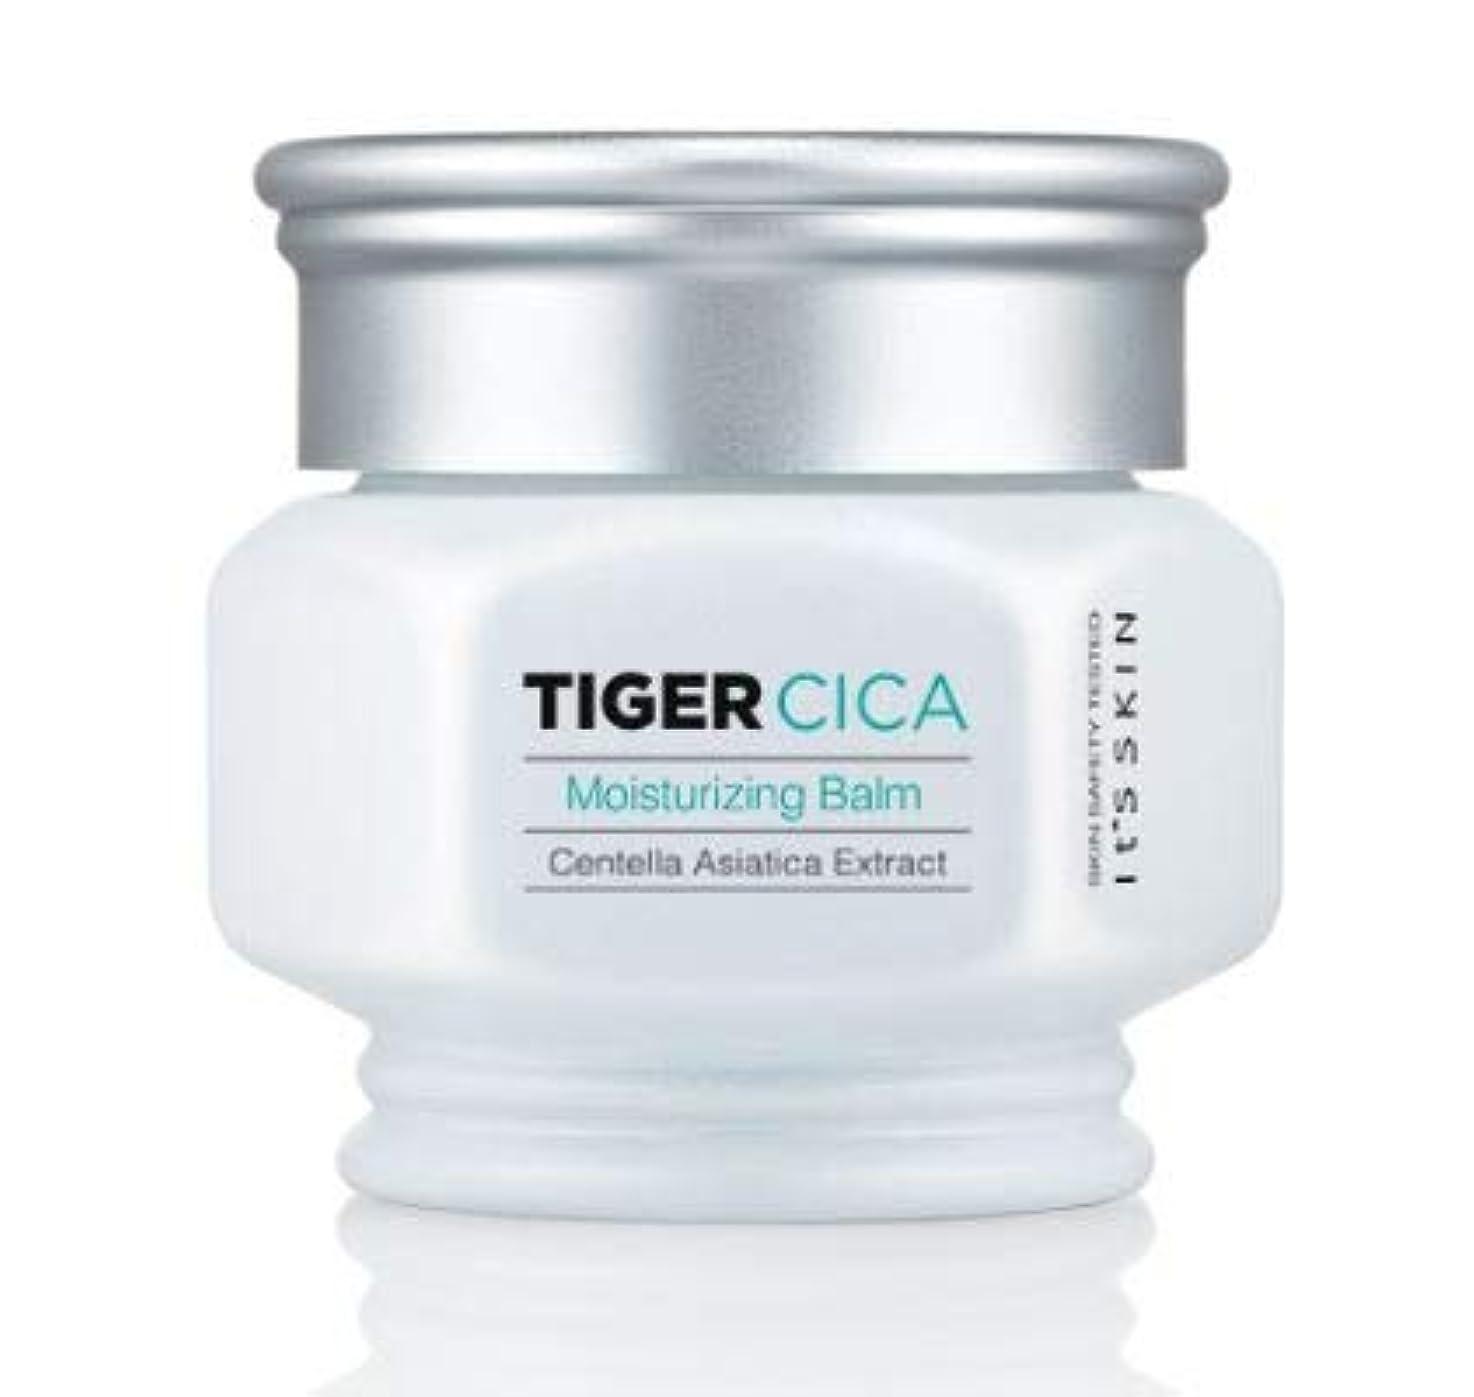 百年授業料暴力[It's Skin] Tiger Cica Moisturizing Balm 50ml /[イッツスキン] タイガーシカ モイスチャライジング バーム 50ml [並行輸入品]